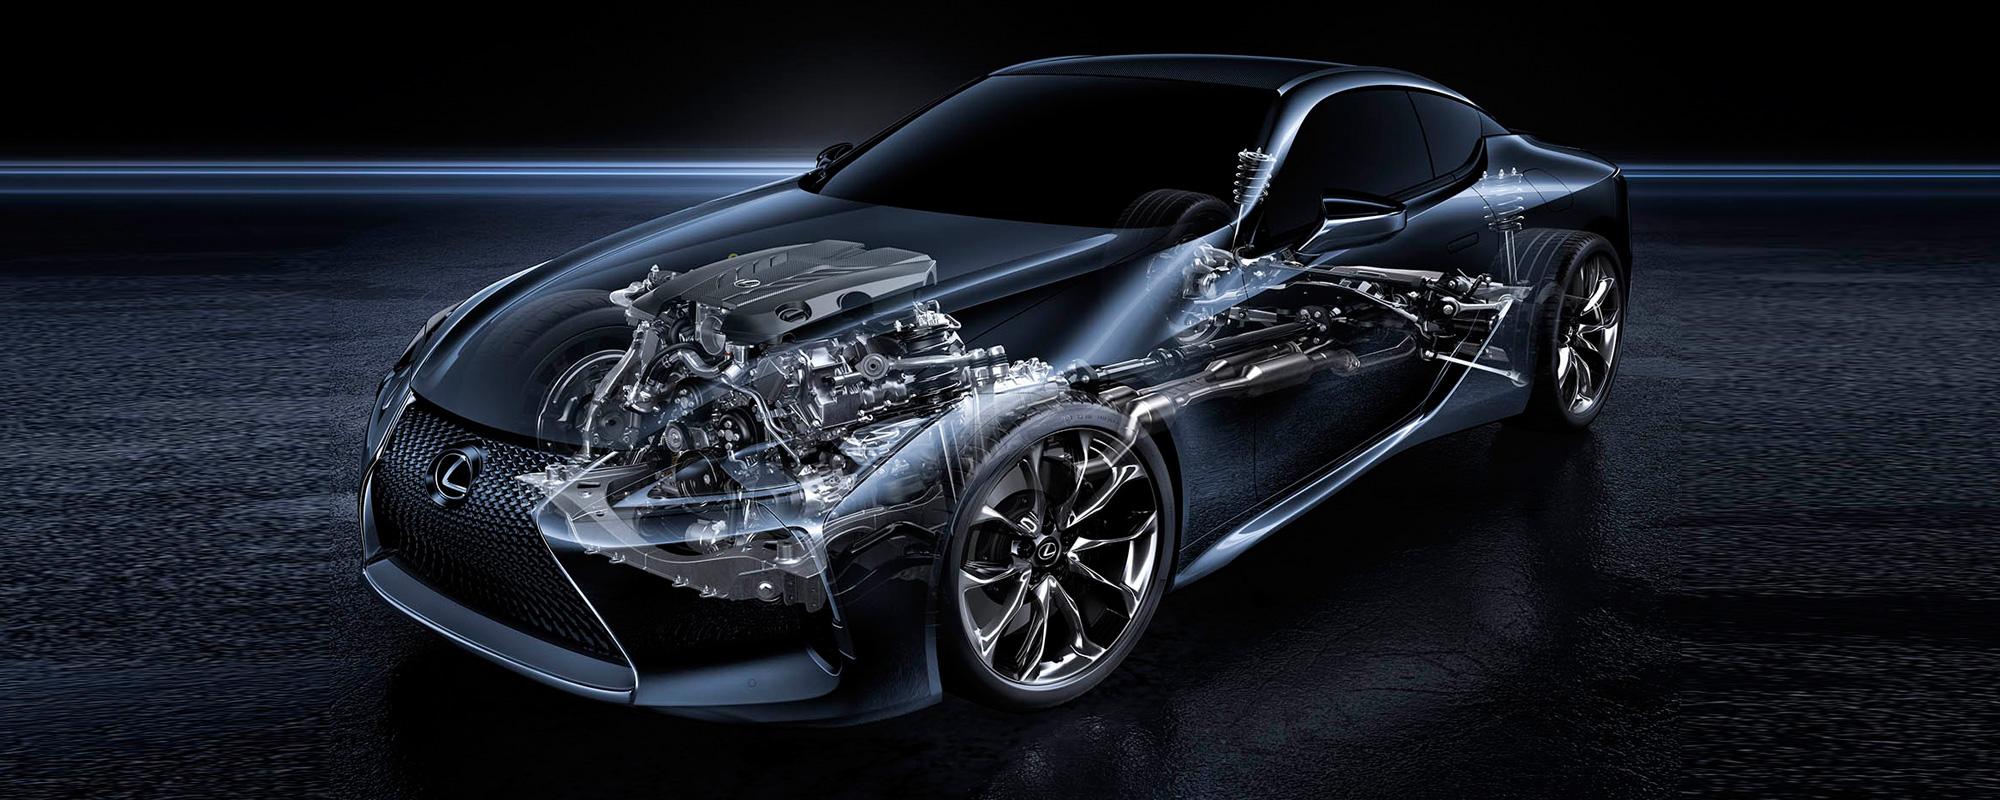 Technisch DNA Lexus LFA supersportscar vertaald naar nieuwe LC premium coupé